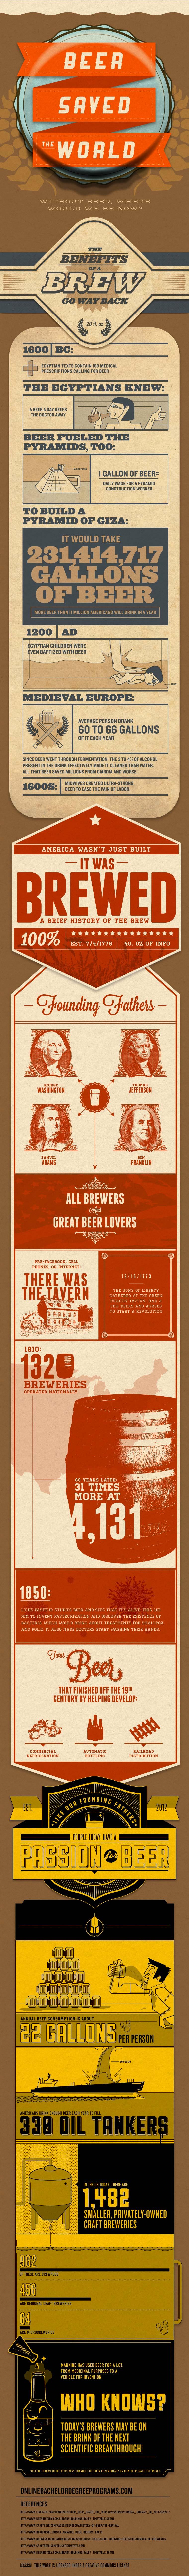 la cerveza puede salvar el mundo